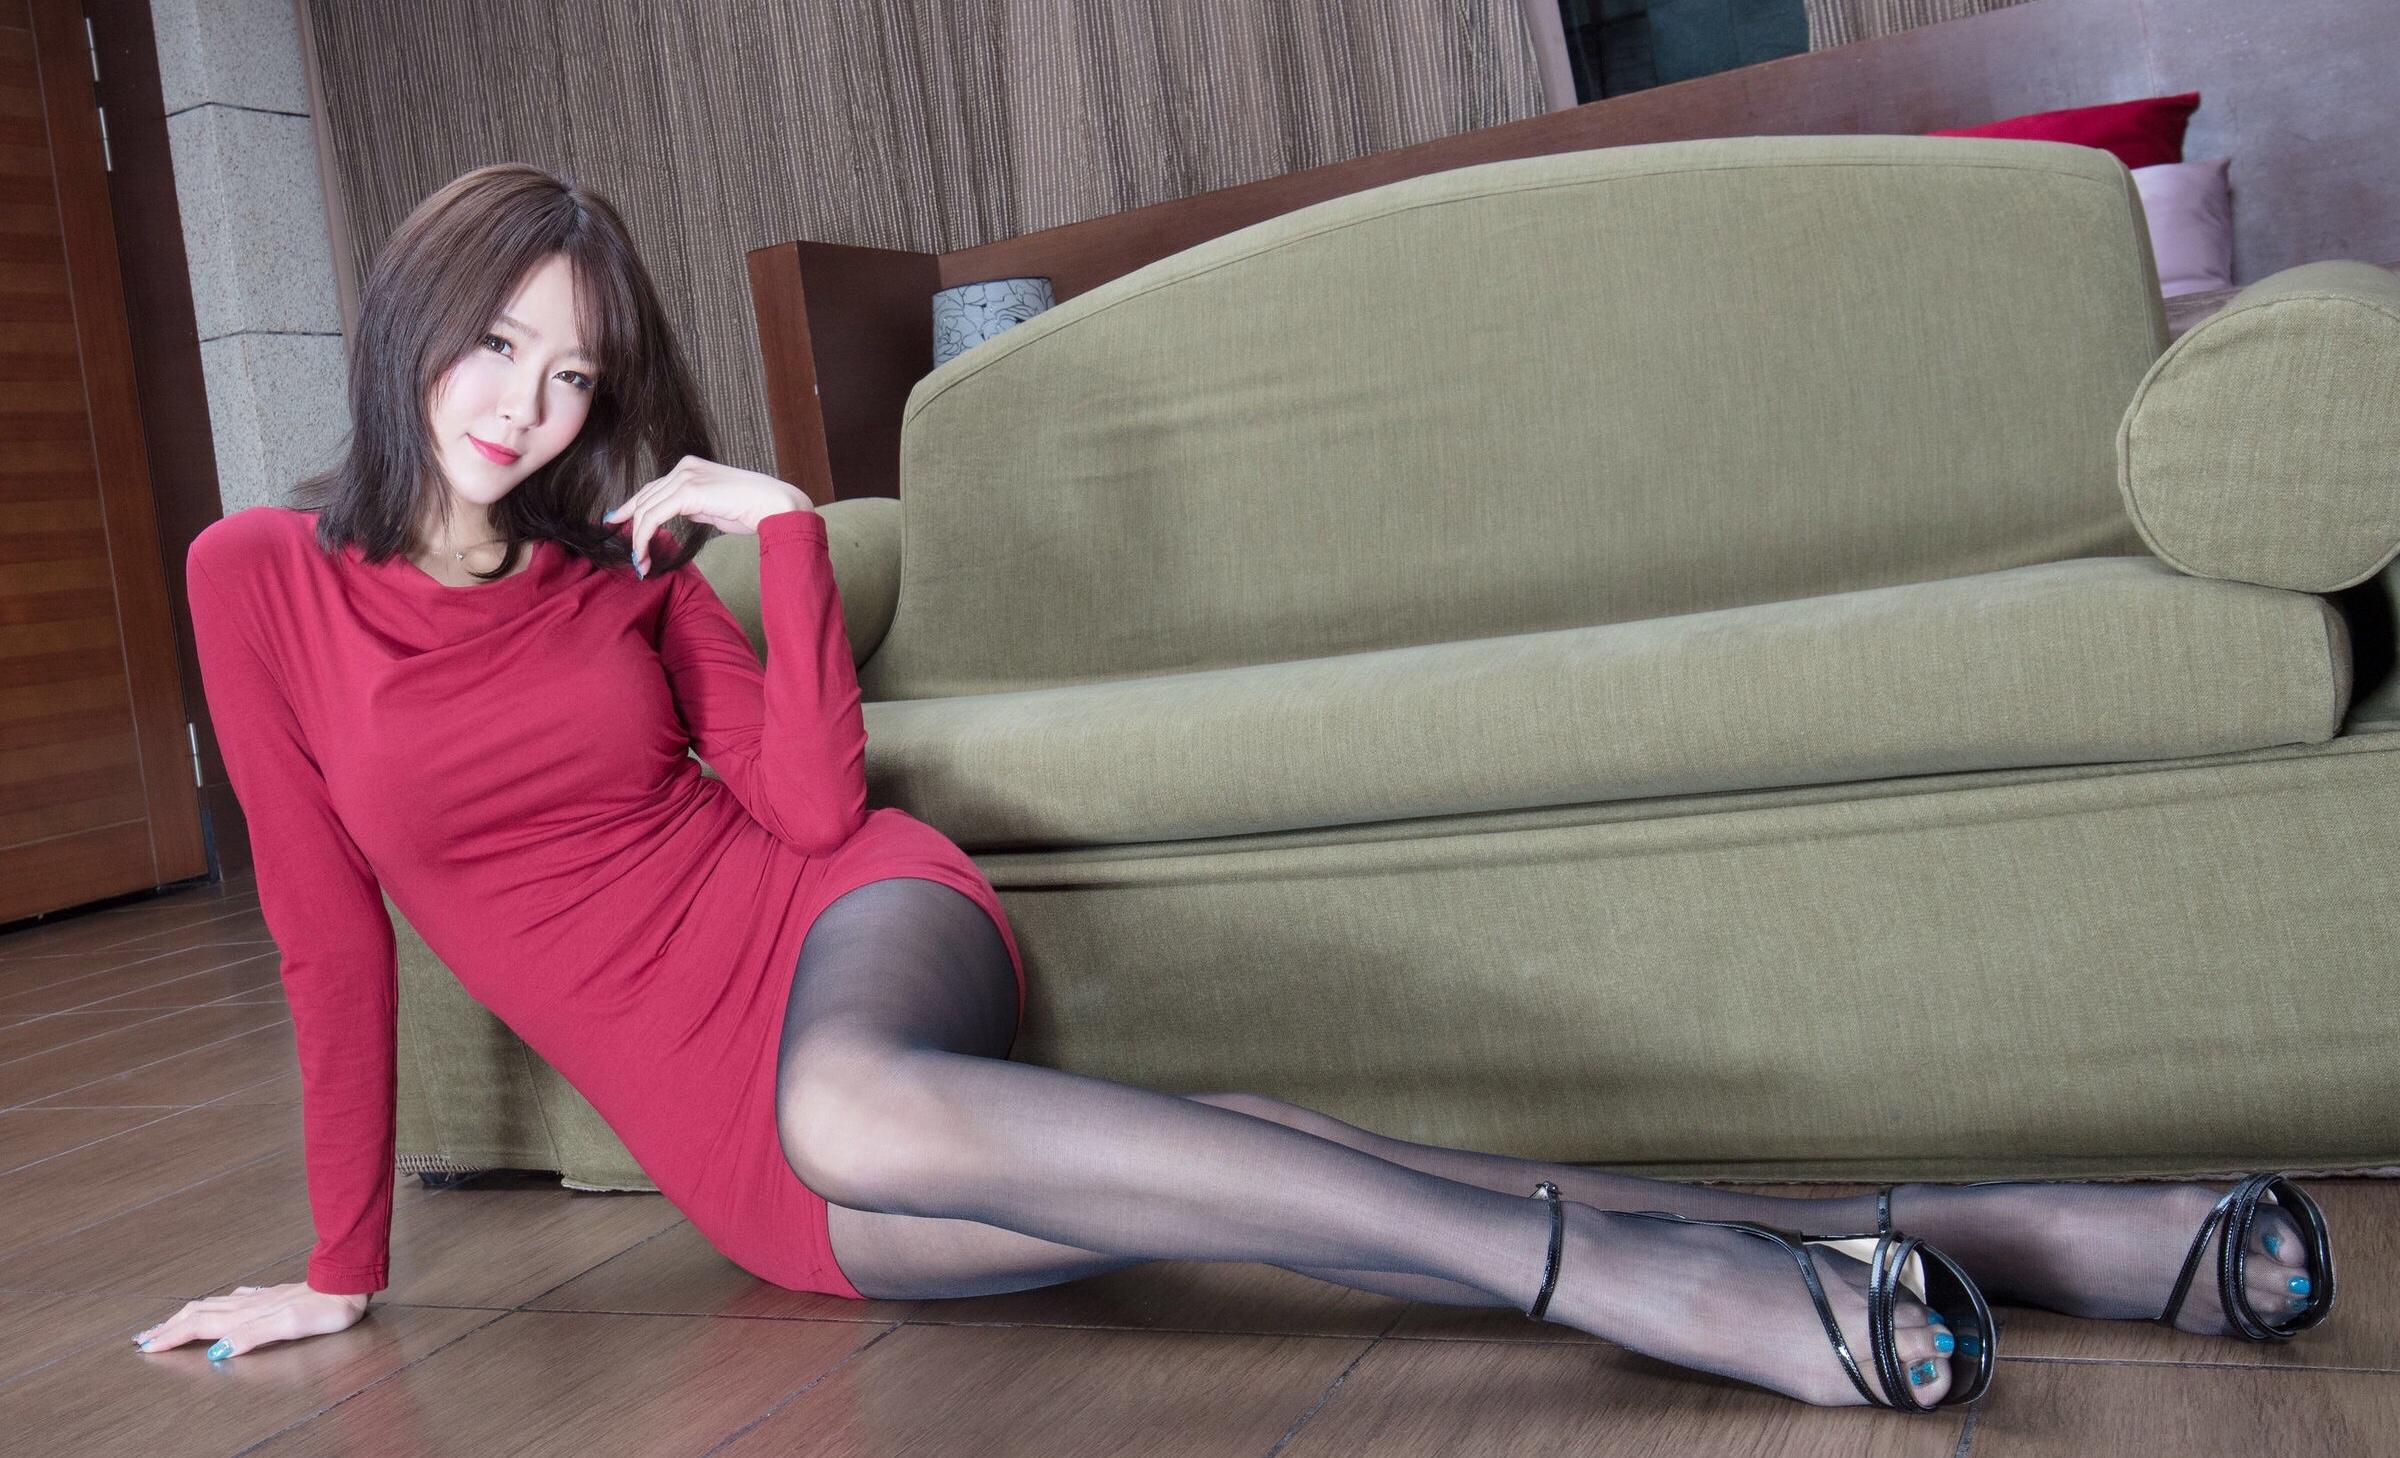 Winnie小雪(黑丝美腿) 11